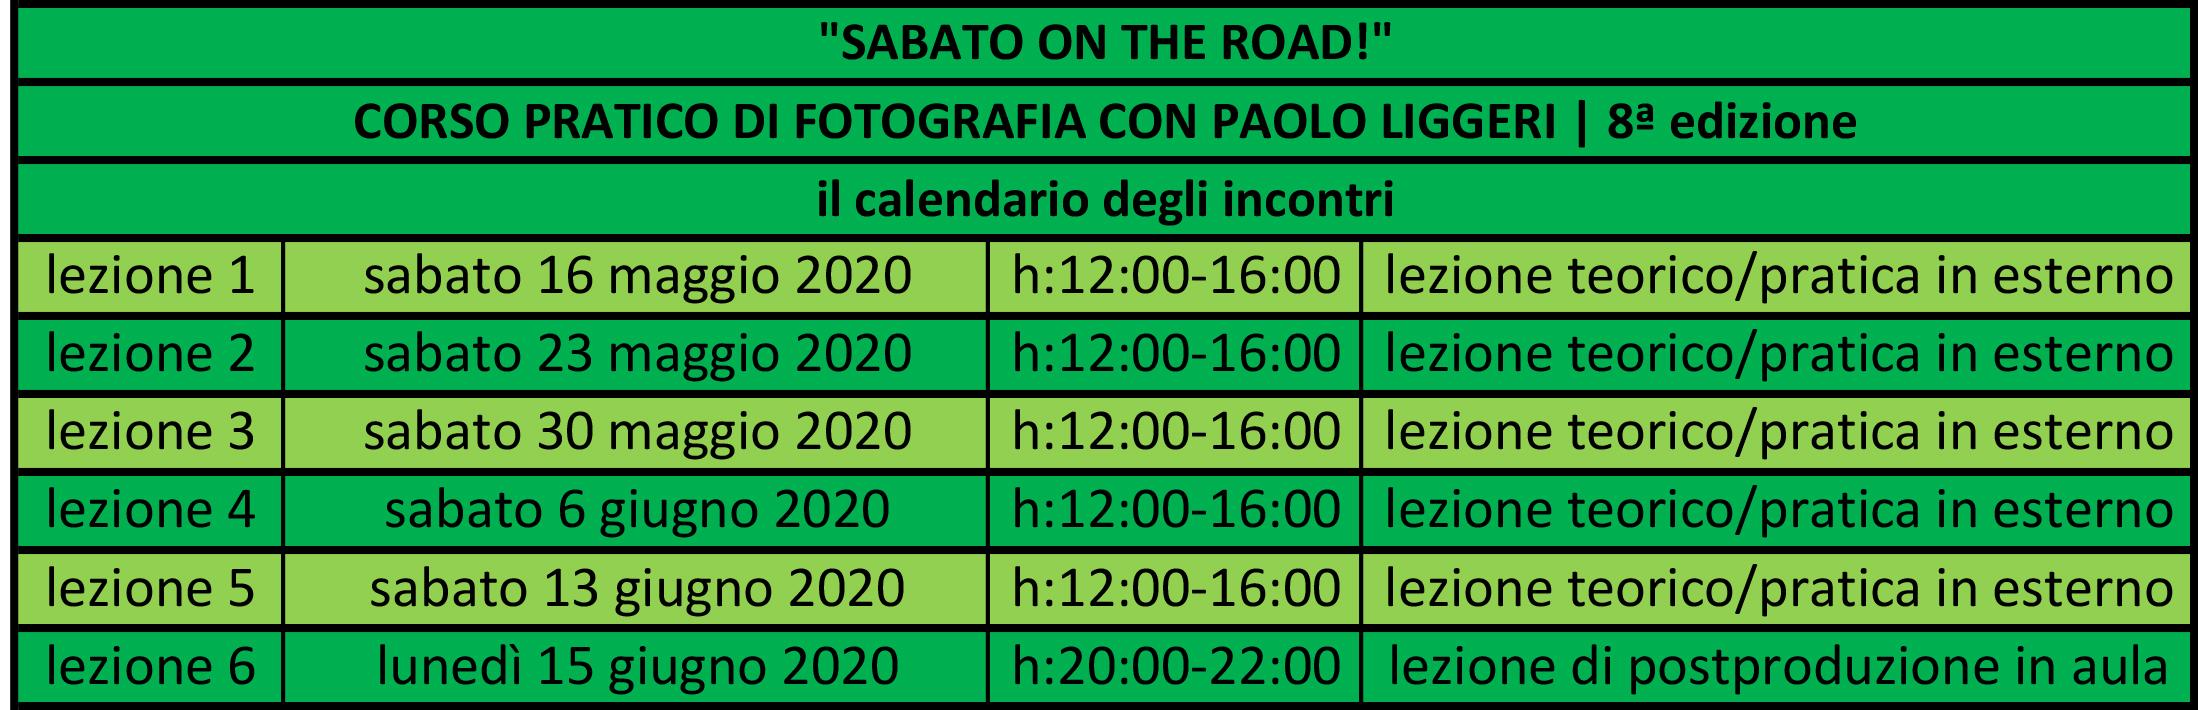 calendario incontri corso SABATO ON THE ROAD edizione n°8